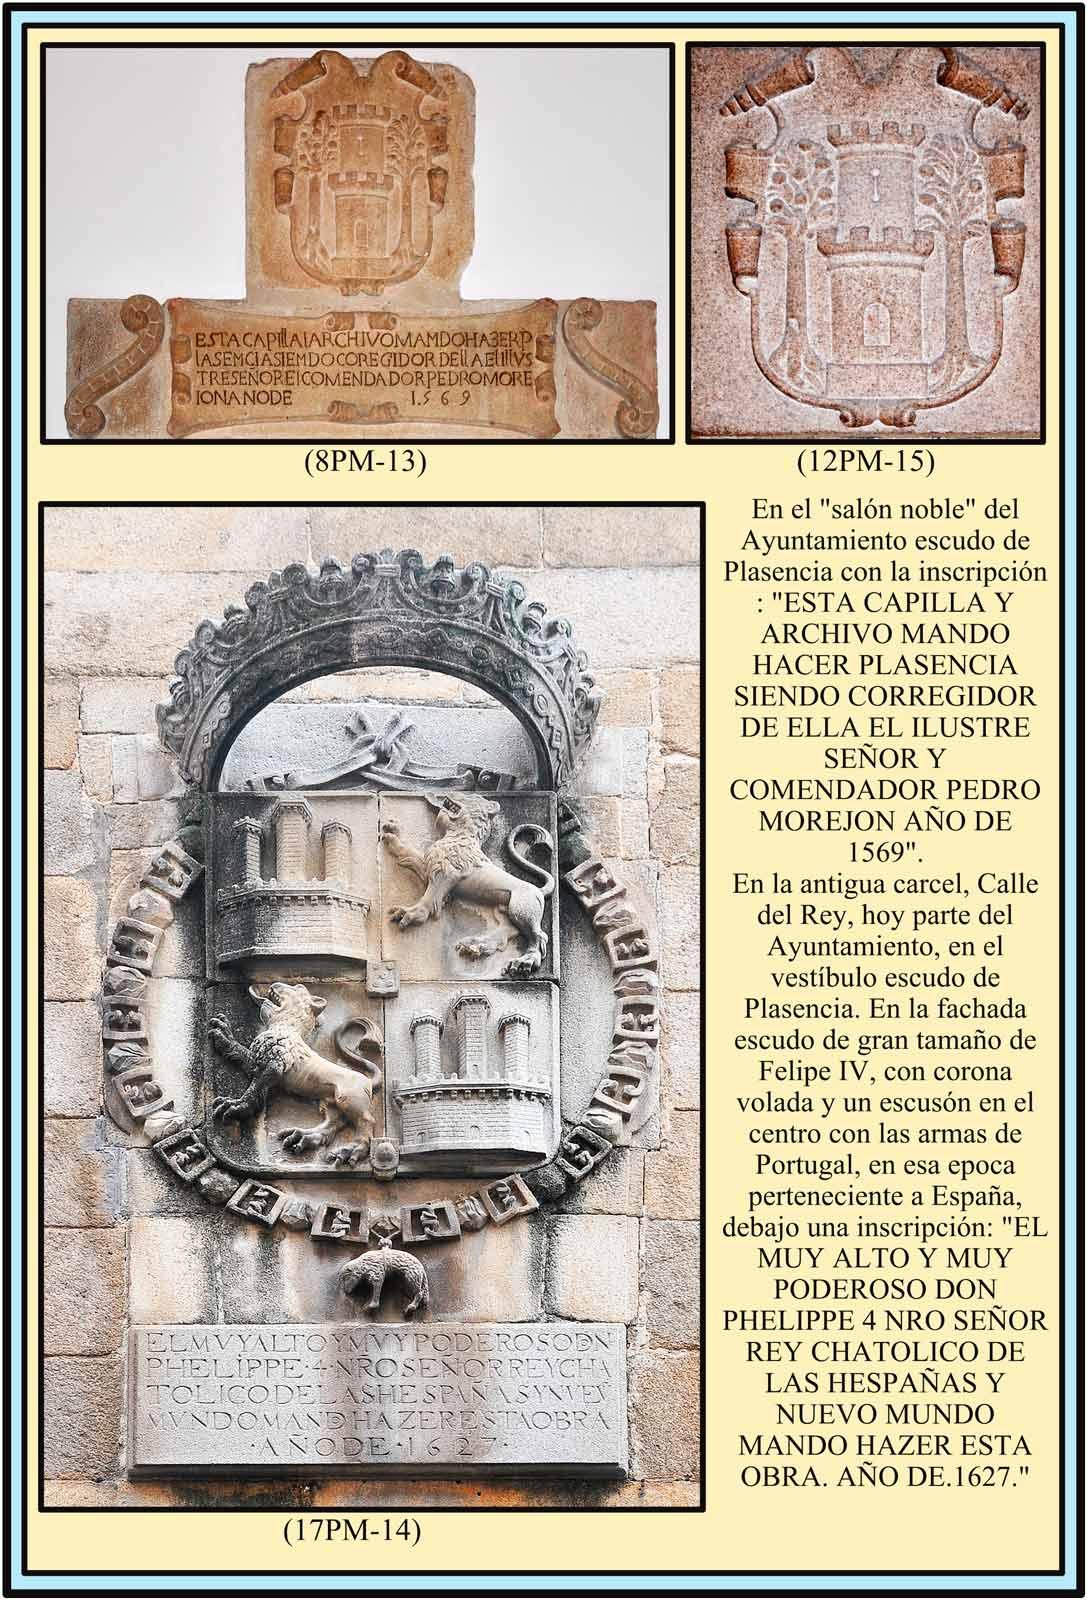 Escudos de Plasencia. Escudo de Felipe IV en la Calle del Rey